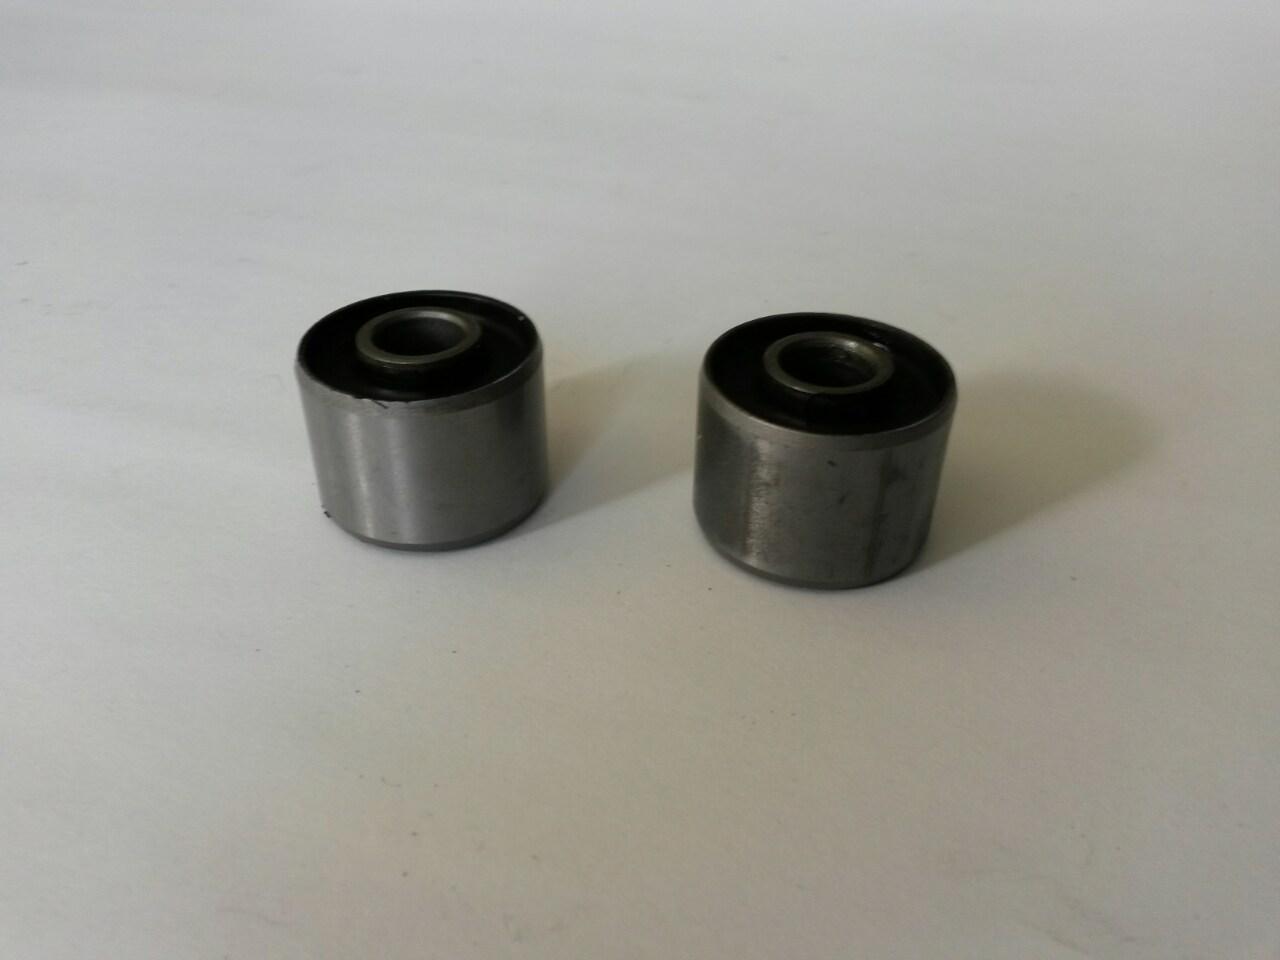 Сайлентблок HONDA TACT AF-16 внутренний диаметр 10мм